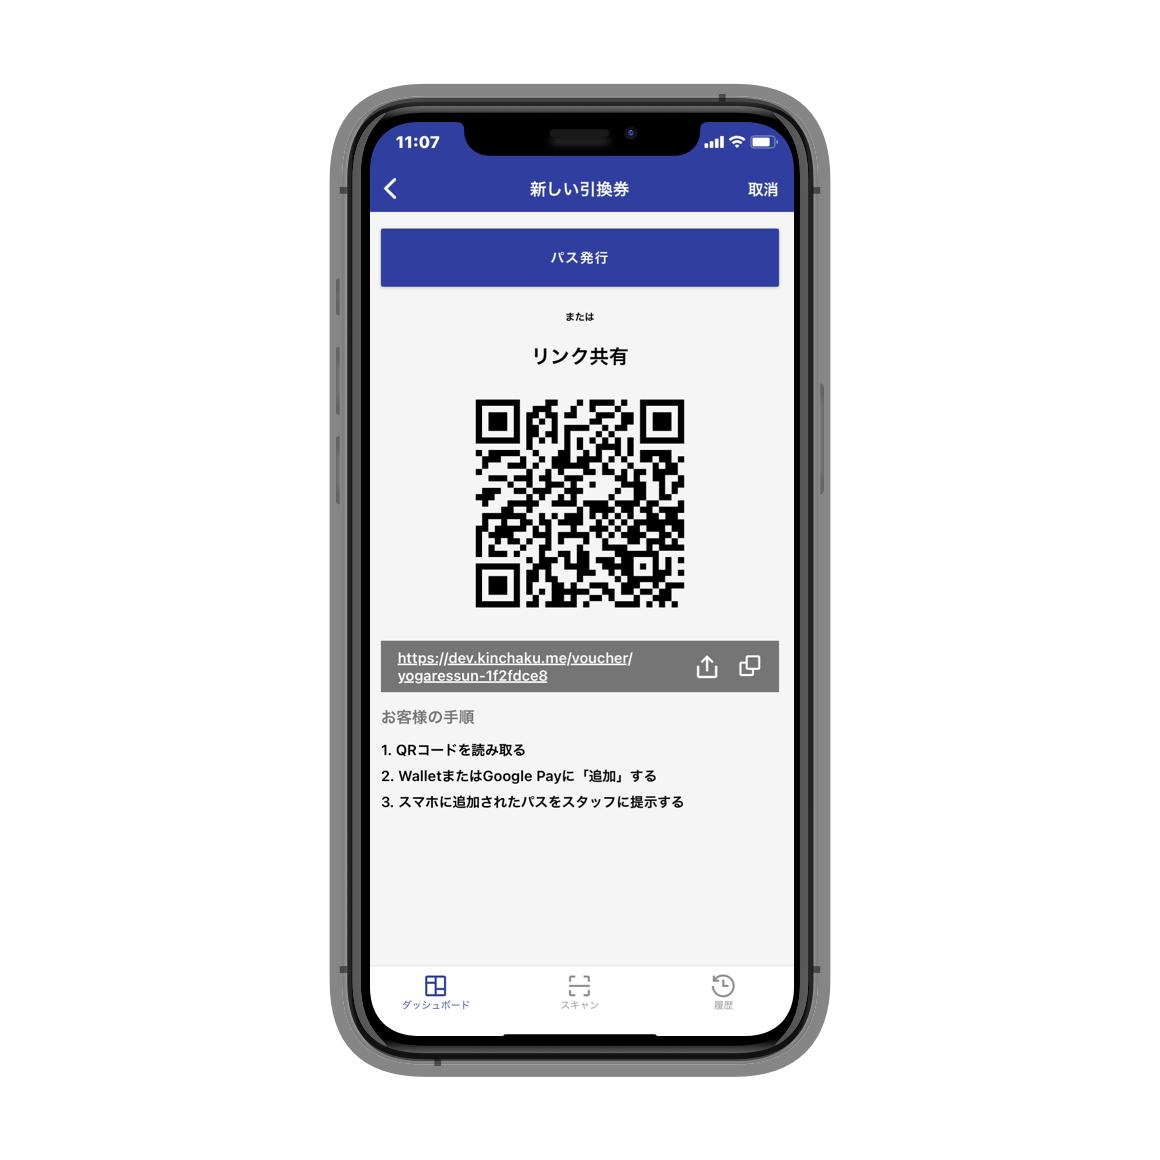 KINCHAKUモバイルアプリ